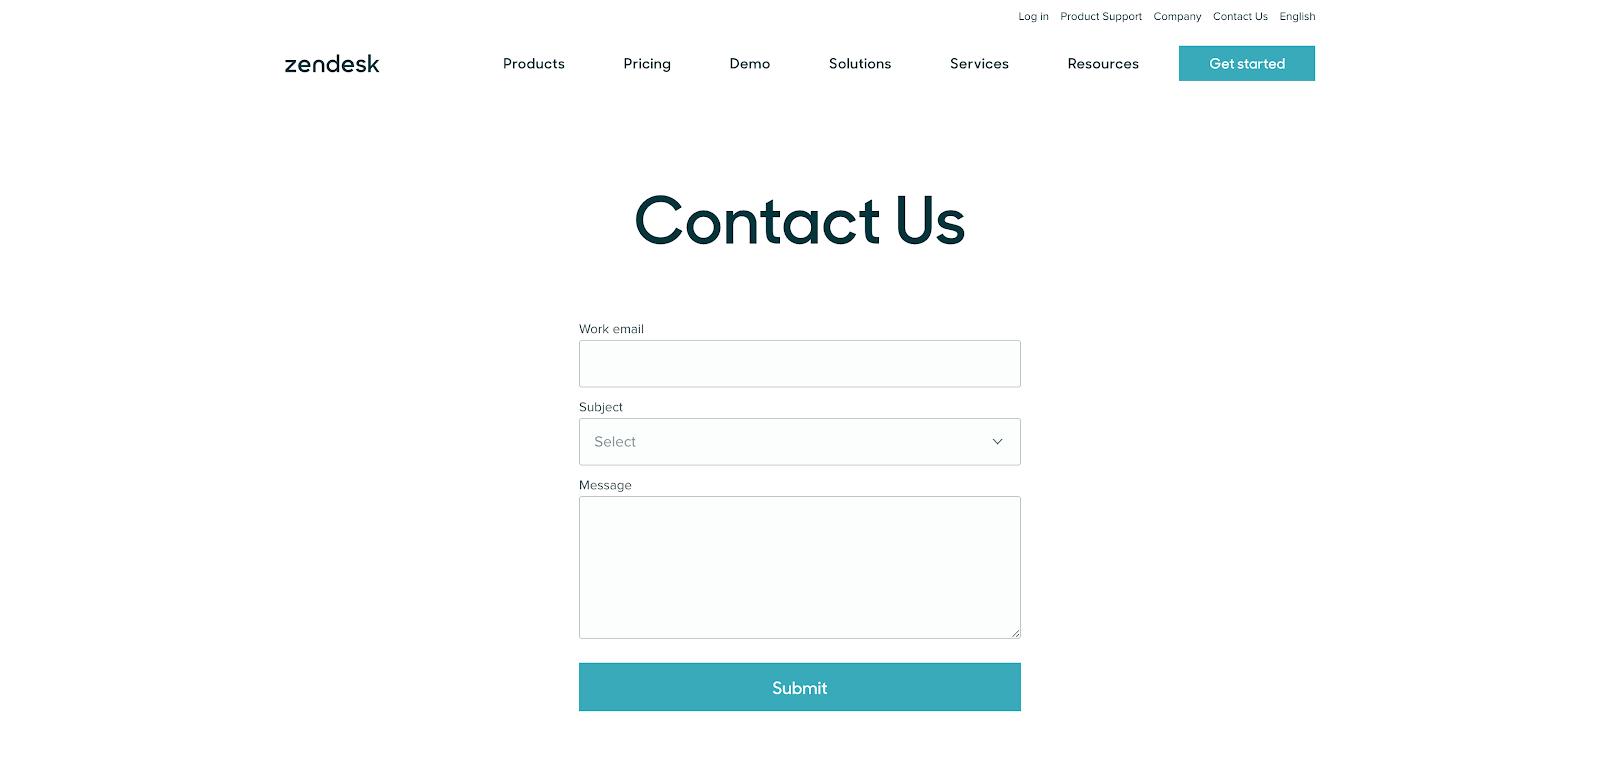 Zendesk Contact Us